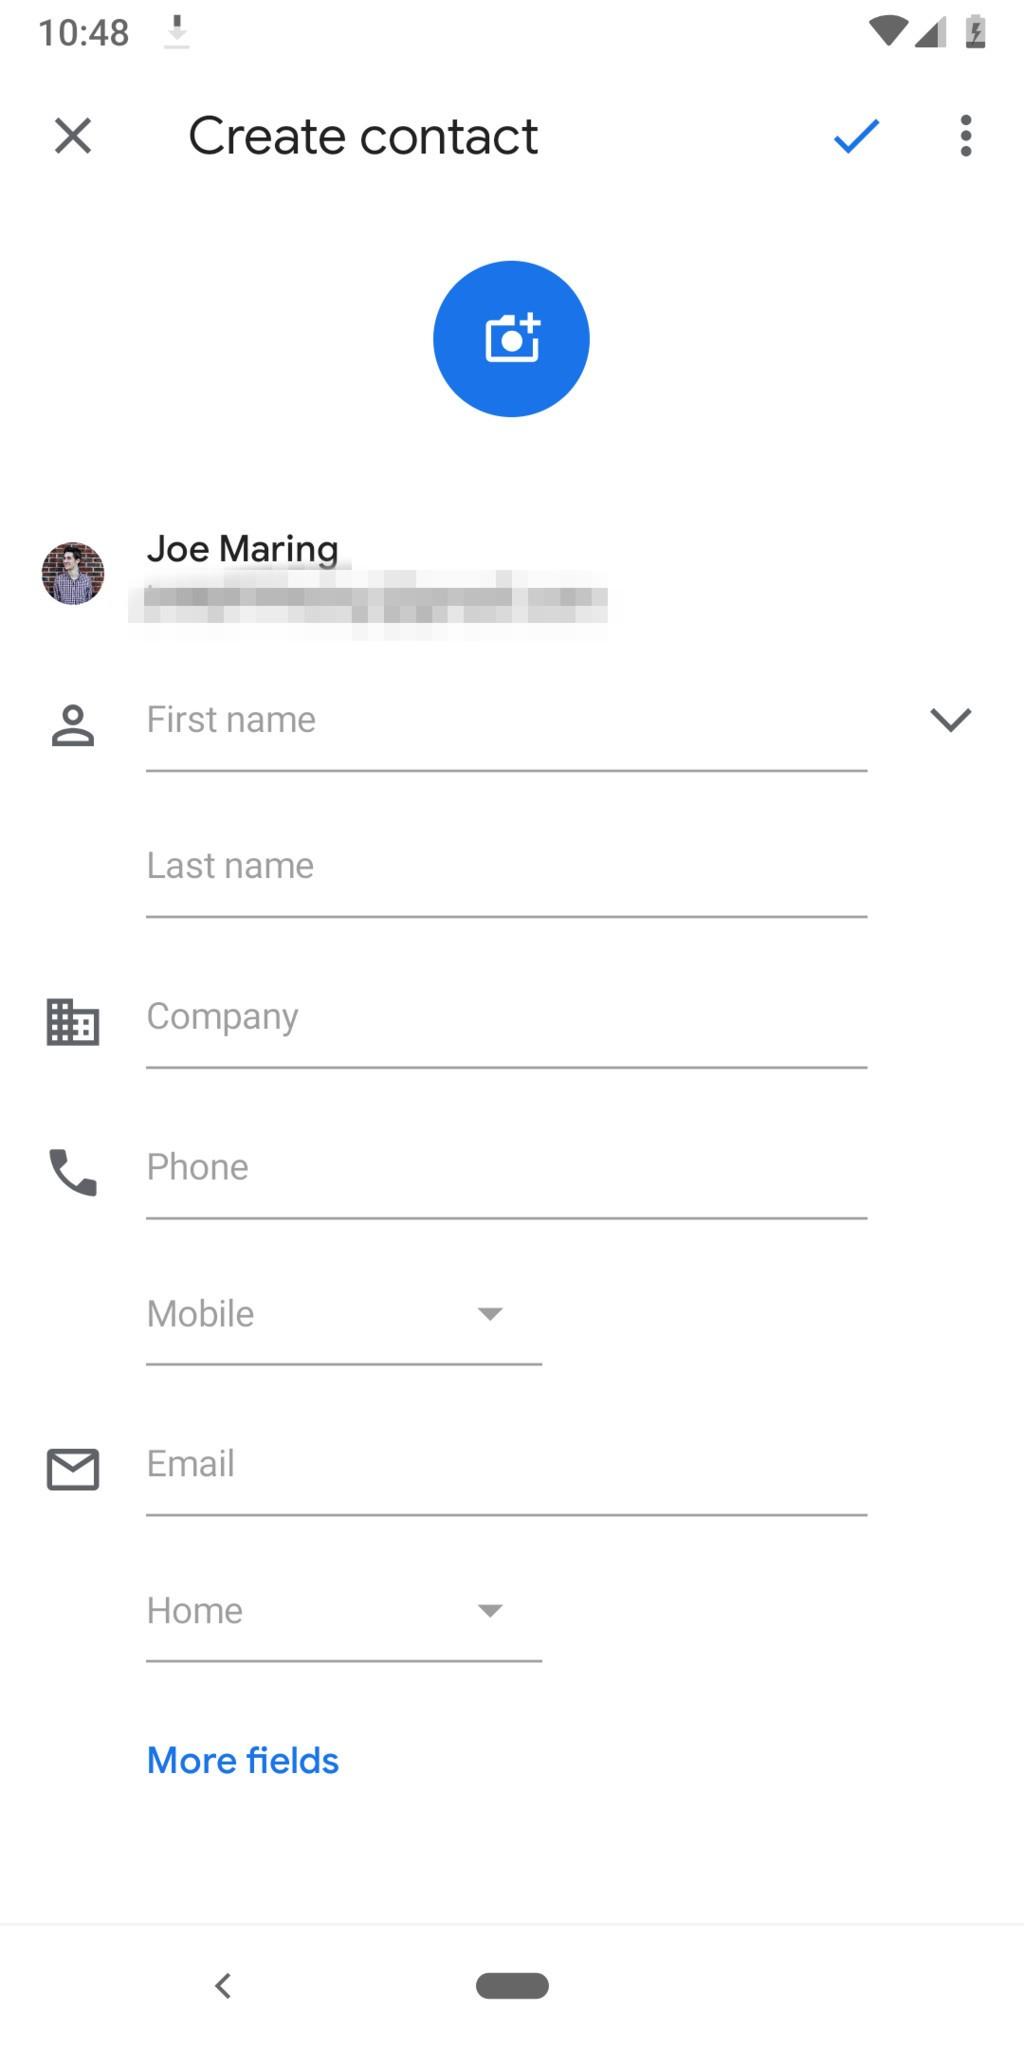 Cách sử dụng WhatsApp trên điện thoại Android cho người mới bắt đầu 2